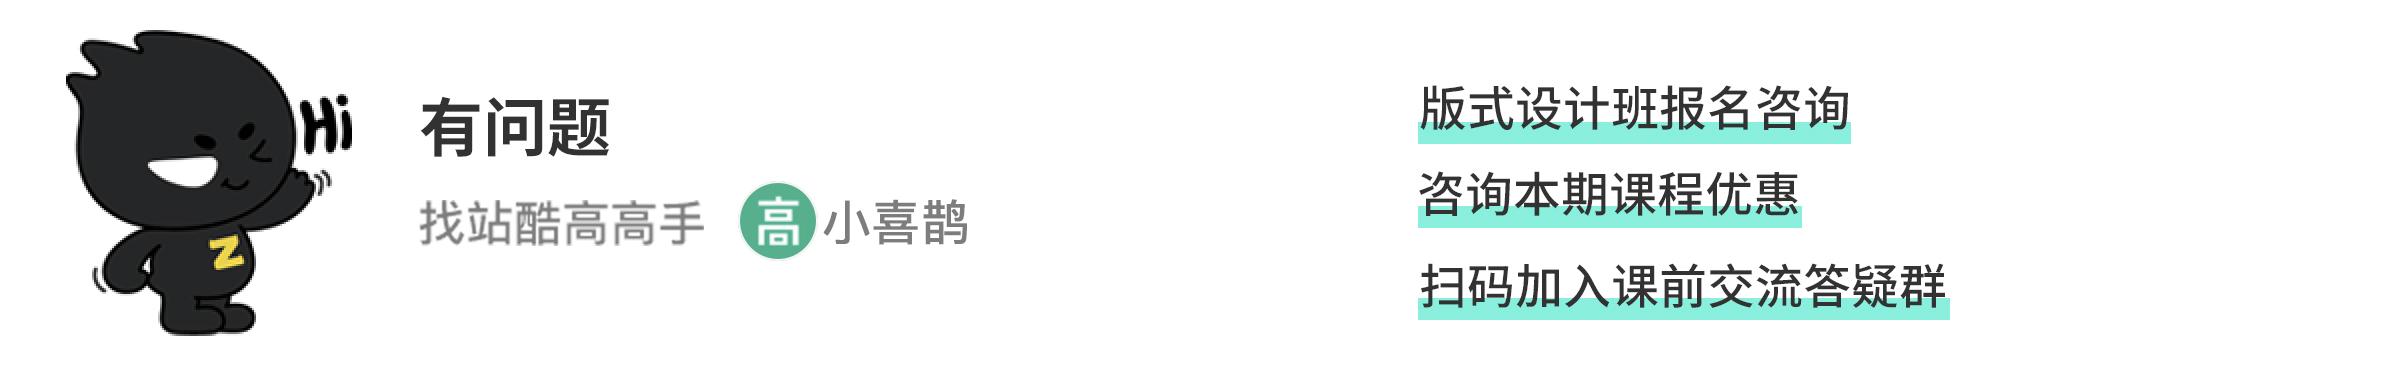 (9.24点评作业)字体·版式·色彩·设计基础强化班